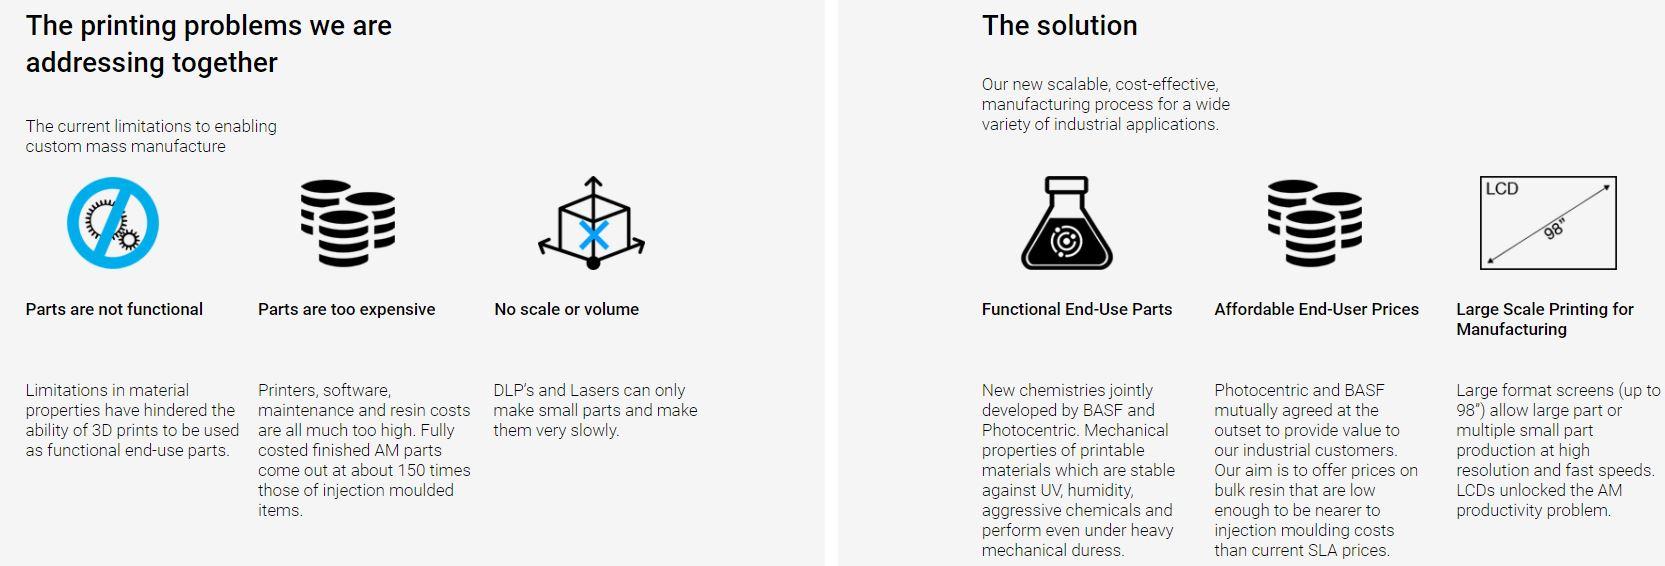 BASF et matériaux de lancement photocentriques pour l'impression 3D à lumière visible